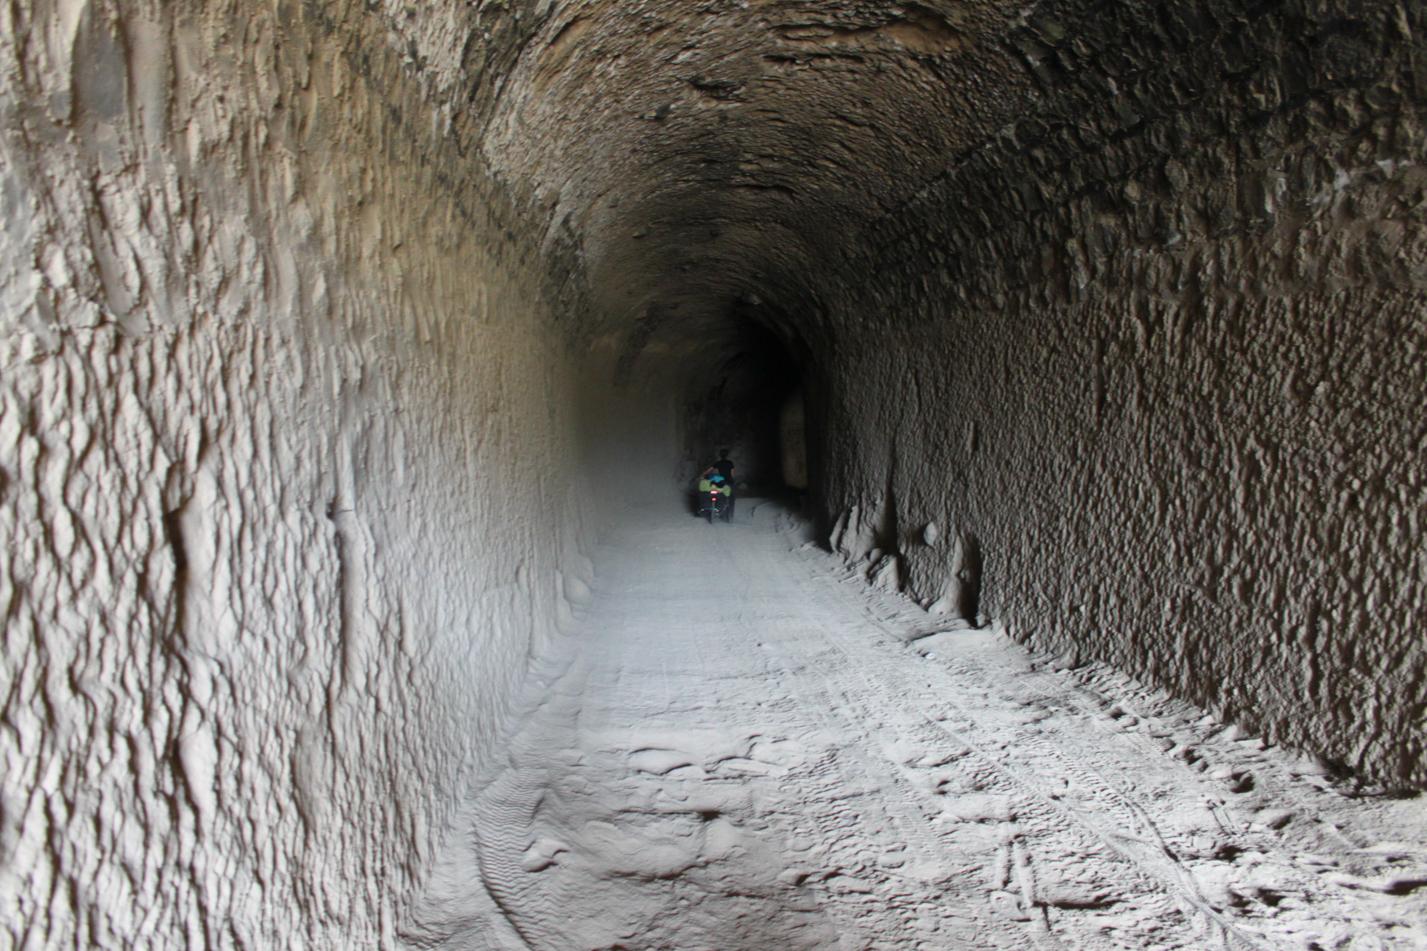 Entlang der Eisenbahntrasse gab es auch immer wieder Tunnel zu durchqueren. In einigen hat man die Hand vor Augen nicht gesehen.